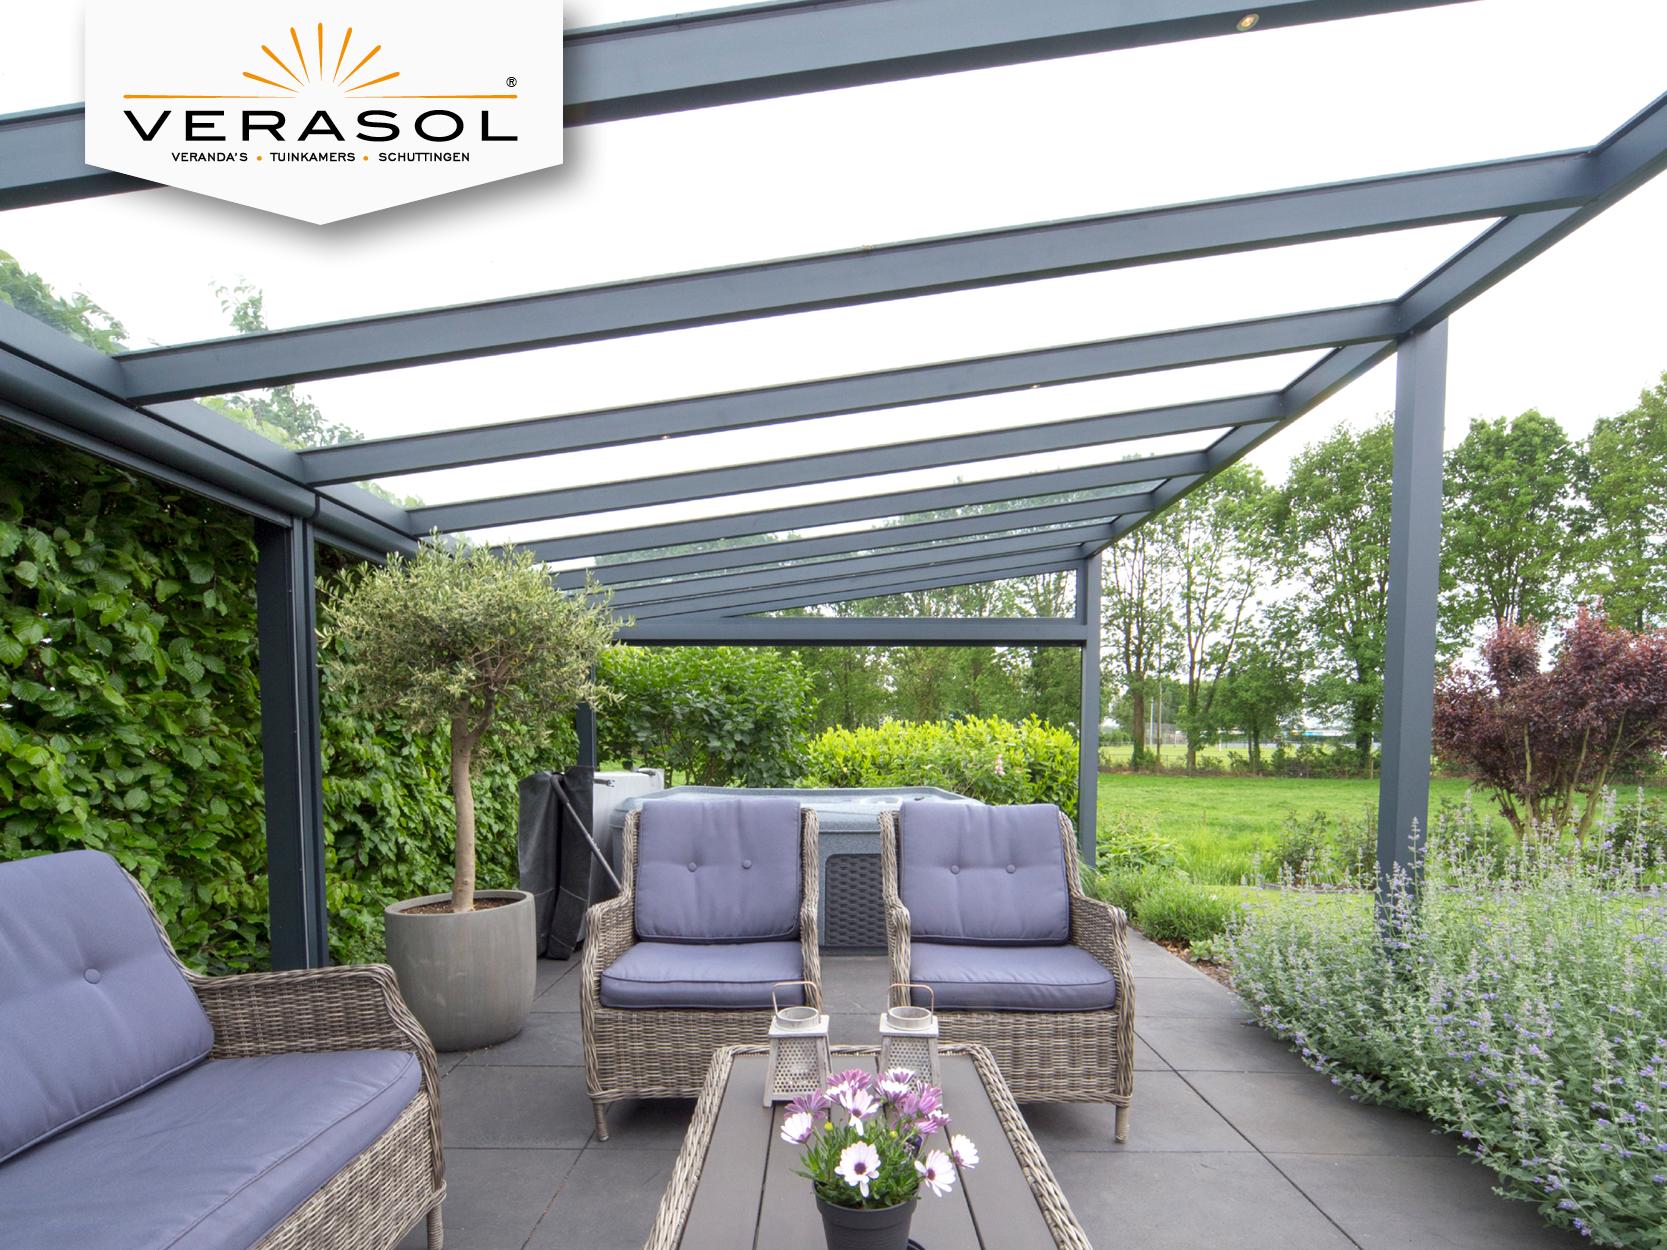 Lounge, de vrijstaande veranda van Verasol. Perfecte plek om buiten ...